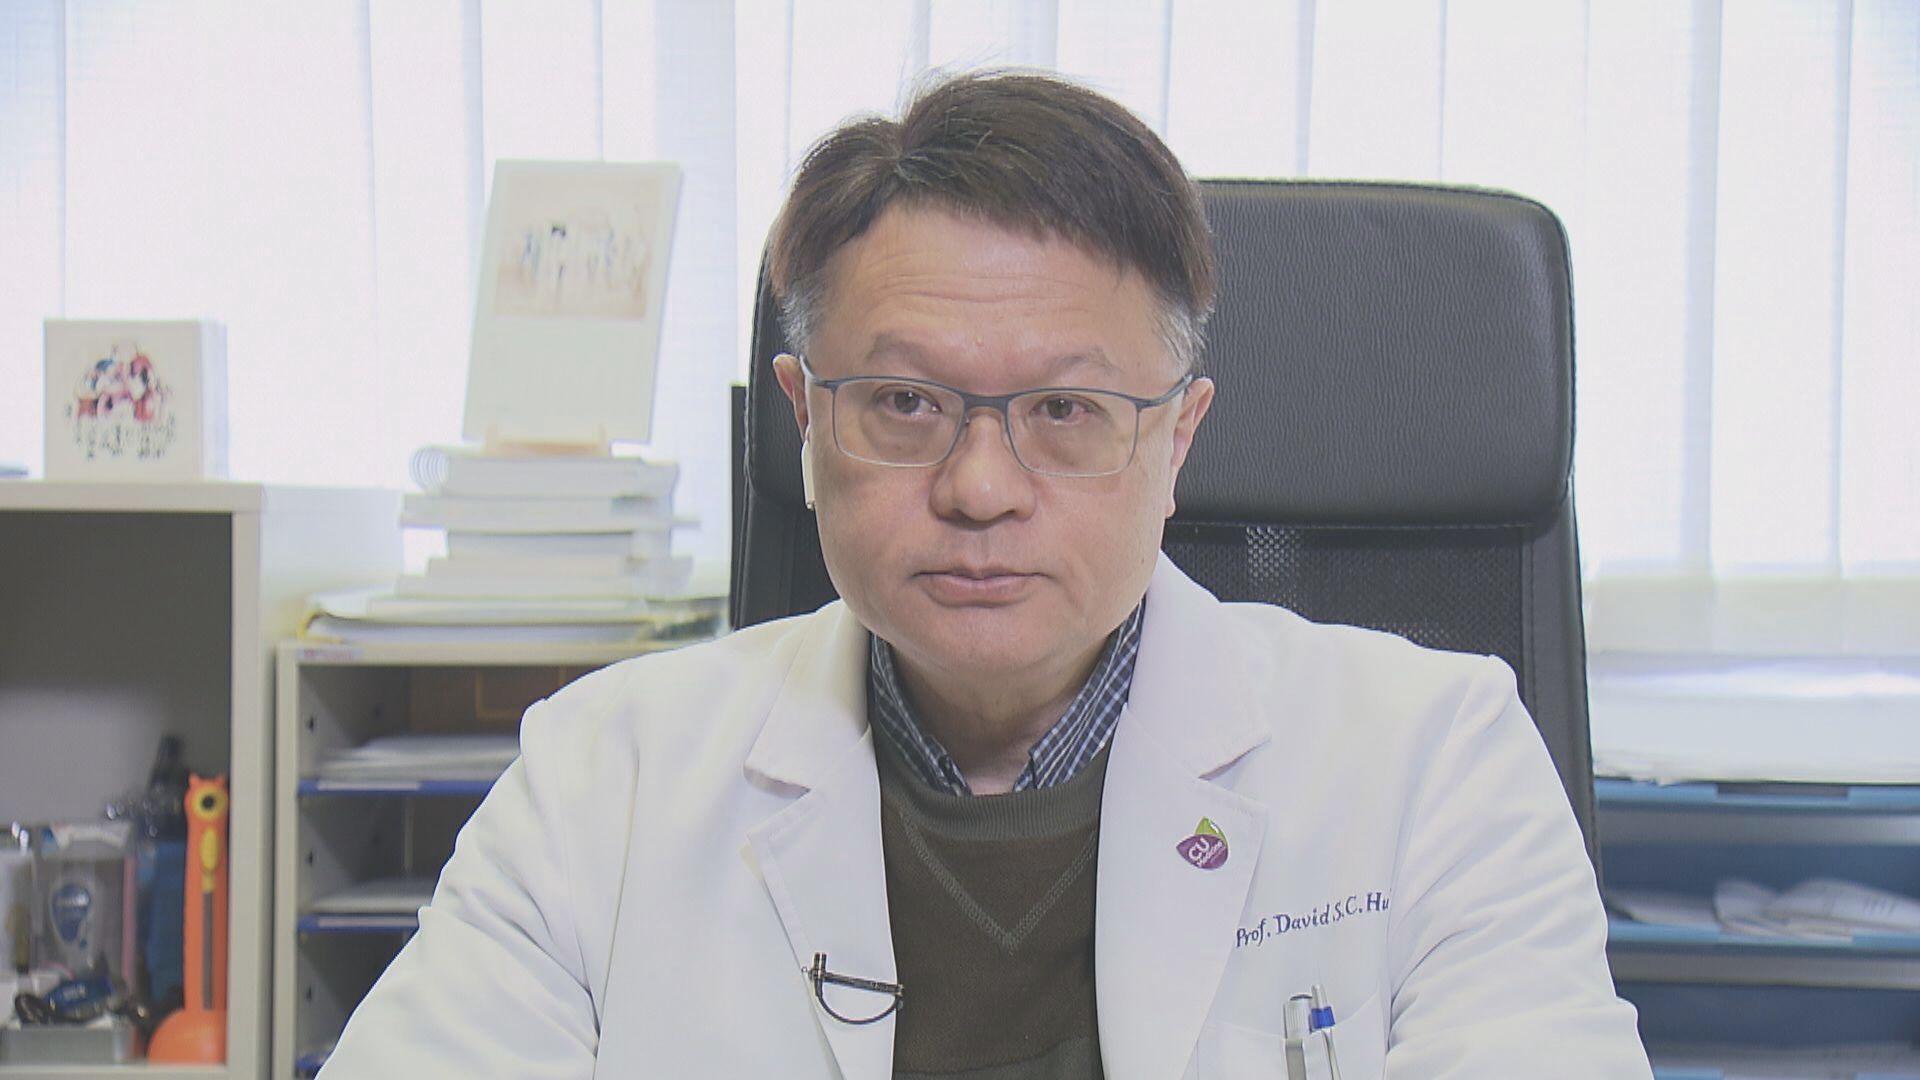 許樹昌:新冠病毒基因轉變傳播性提高 書展最好停辦